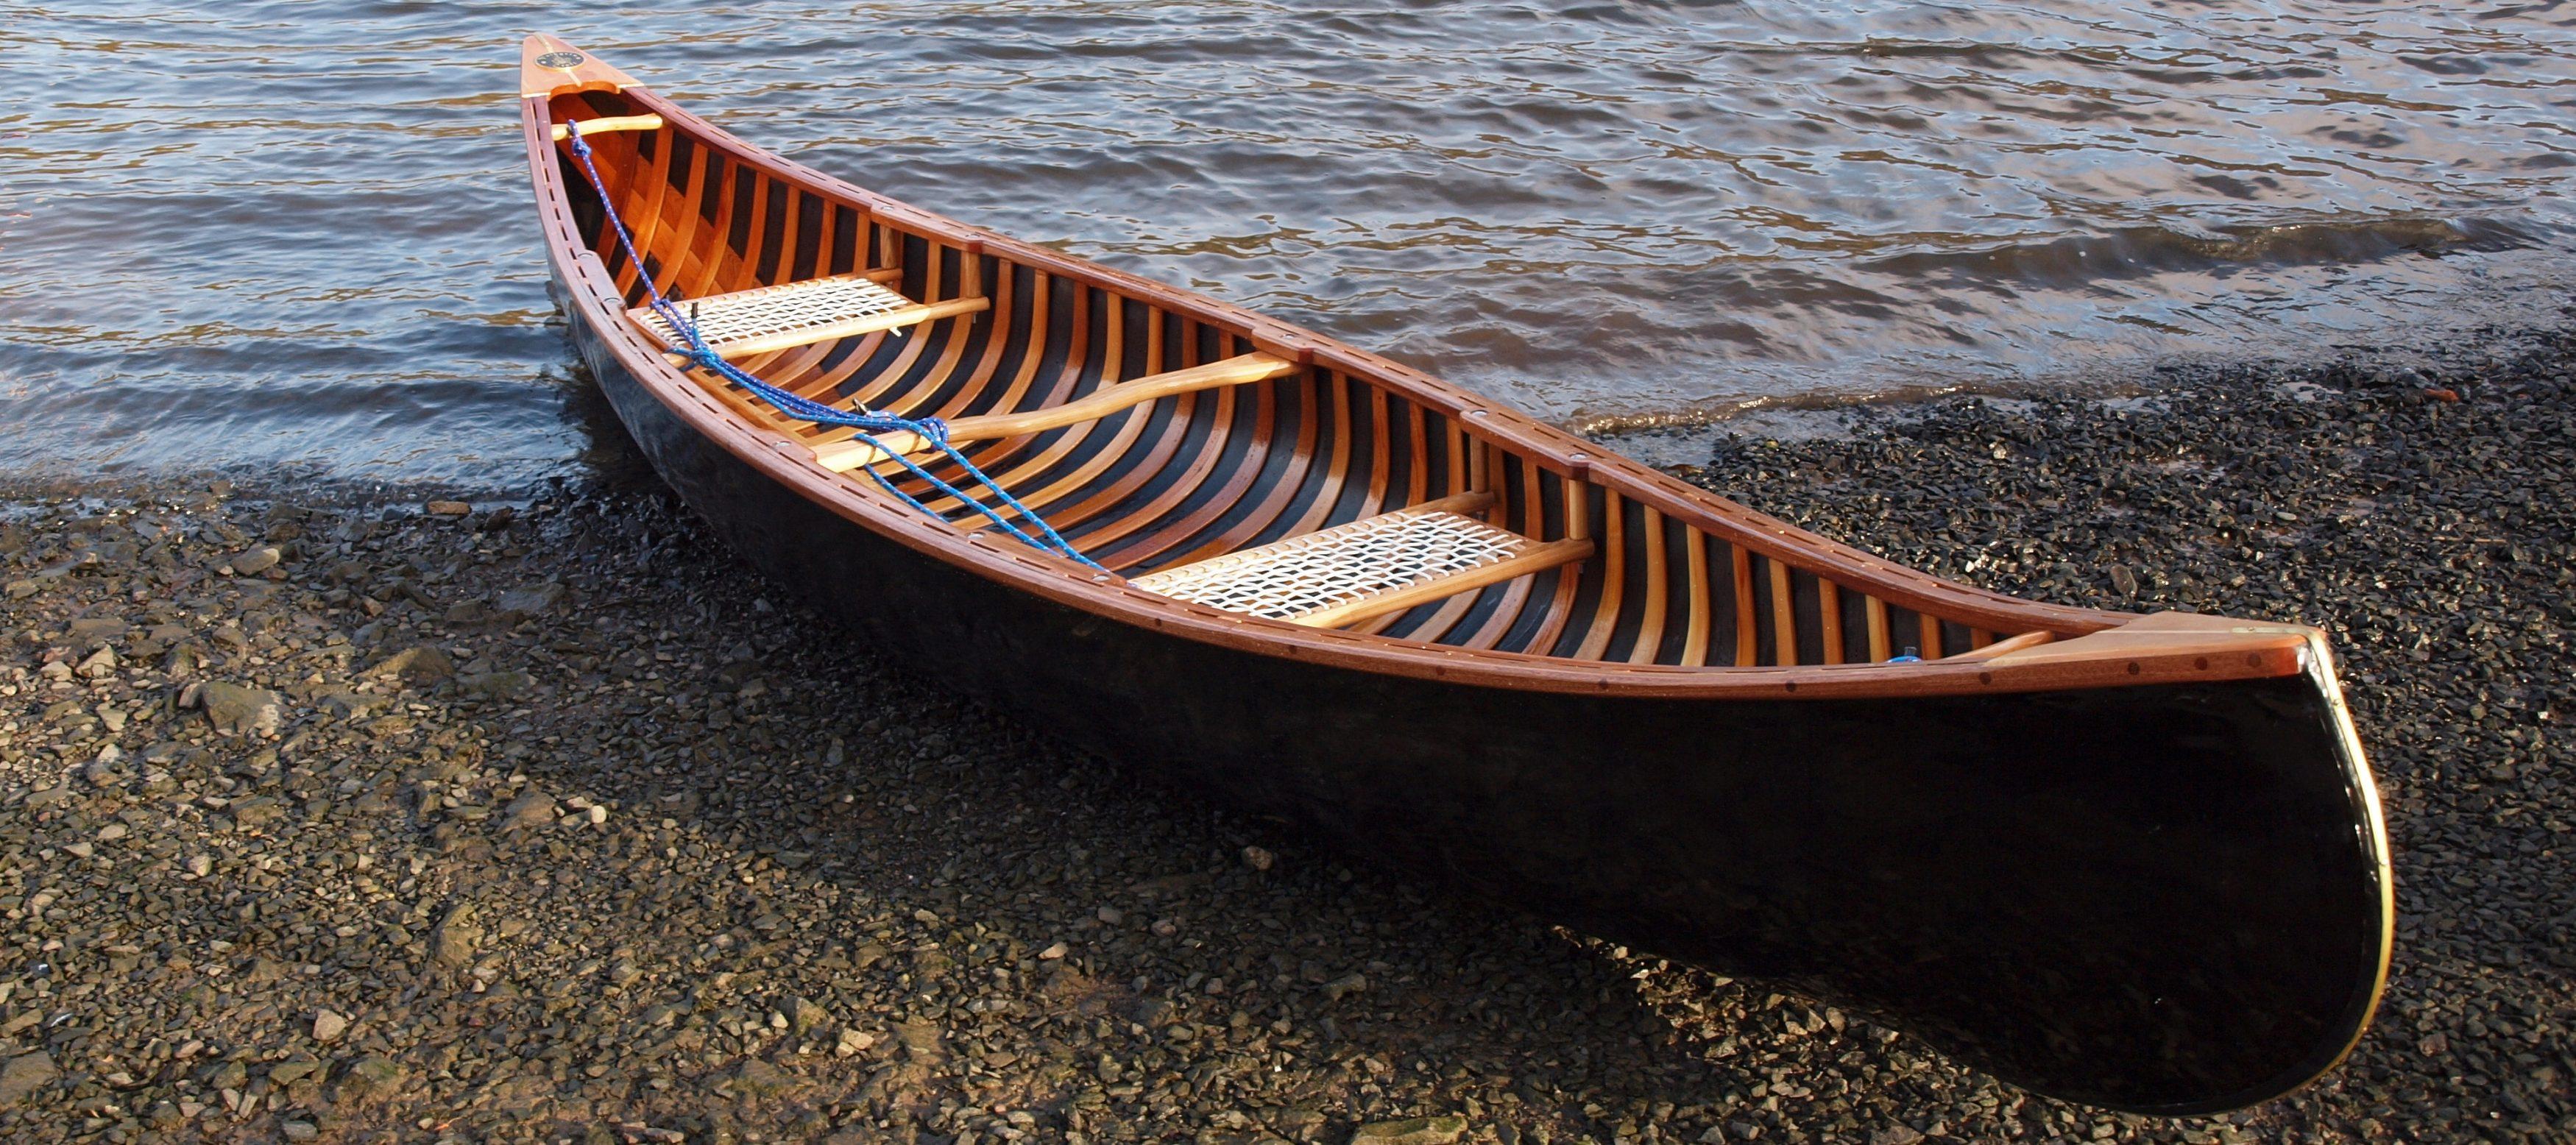 Merlin - Skin on Frame Open Canoe - Valkyrie Craft